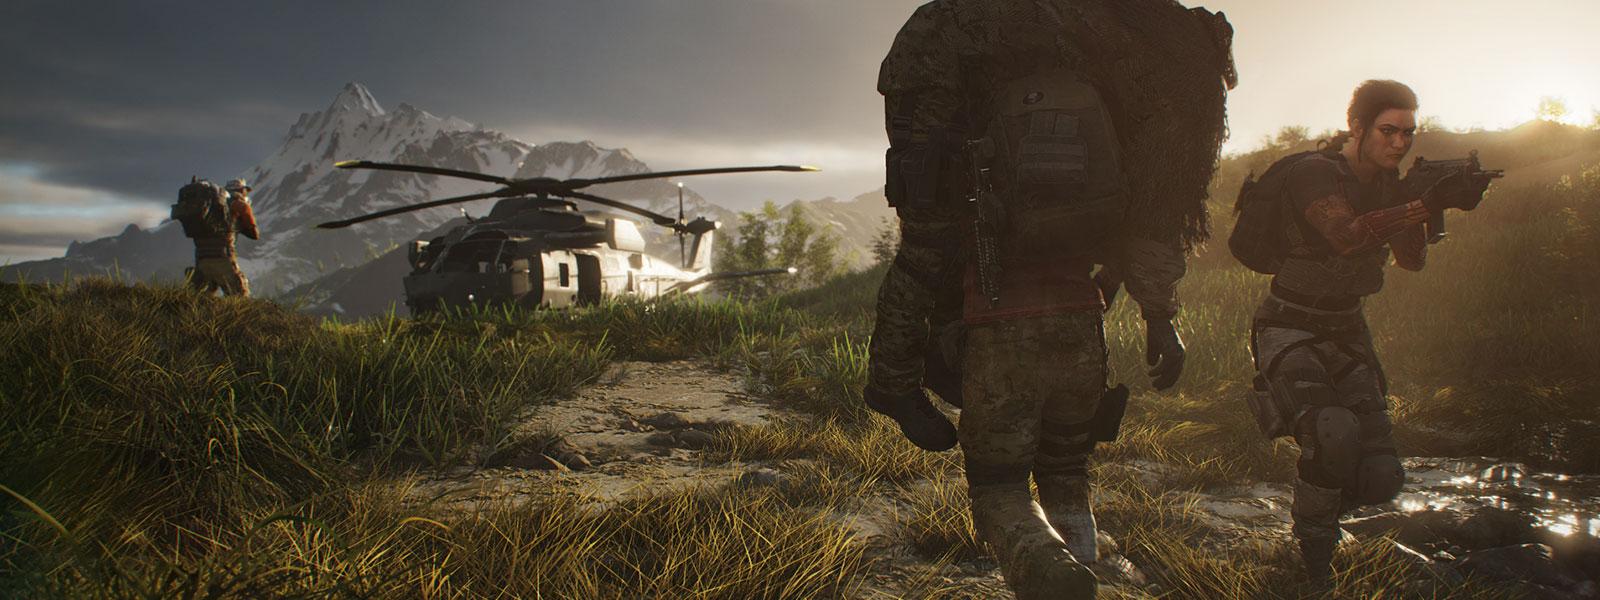 Postać niosąca do helikoptera inną osobę na ramionach, podczas gdy kolejne dwie postaci go osłaniają